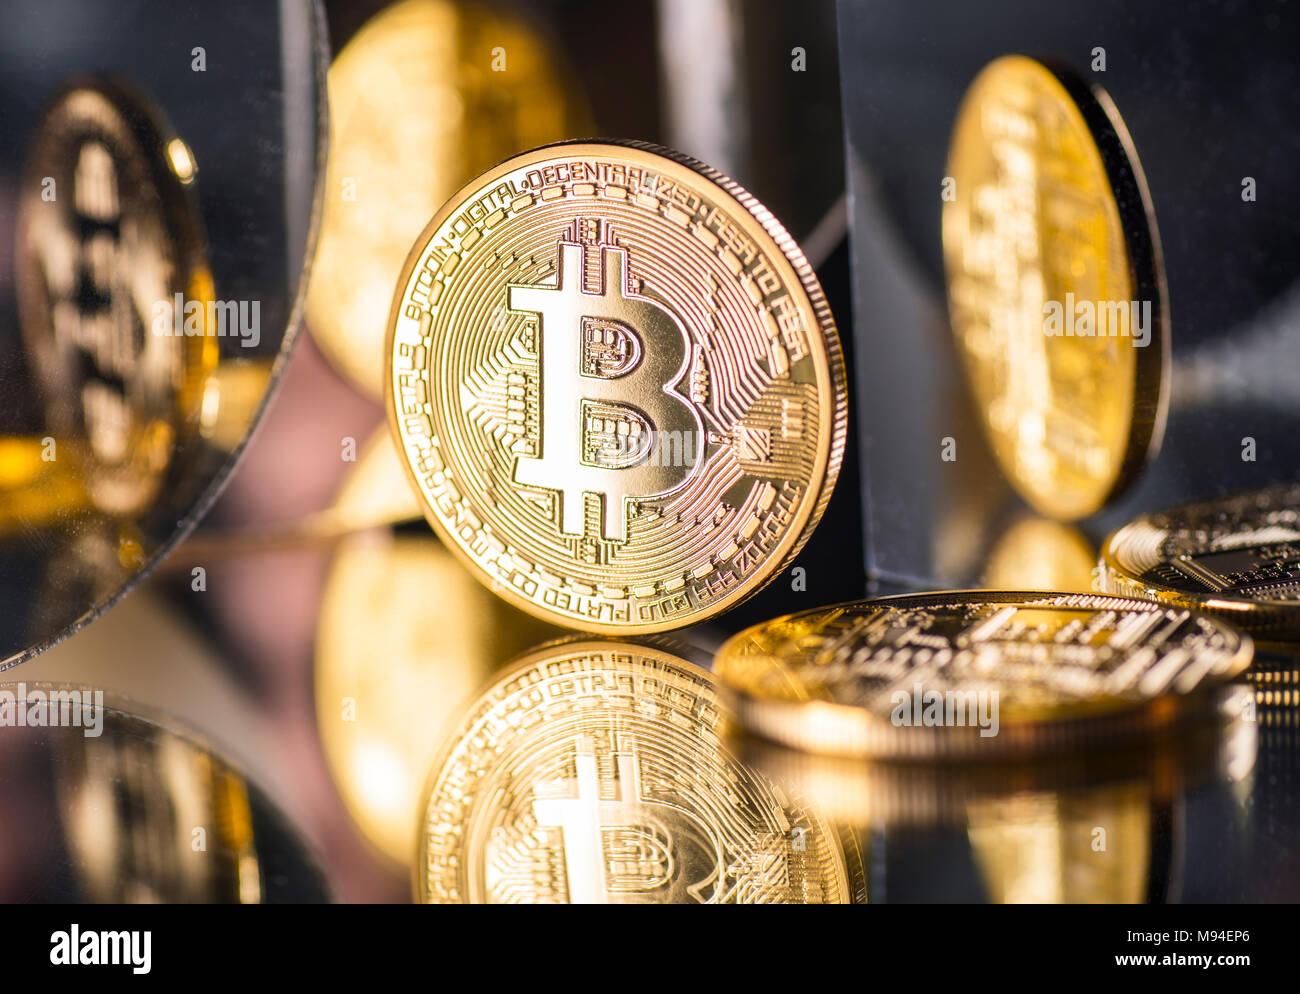 Moneta del cripto-moneta Bitcoin con alcune riflessioni Immagini Stock